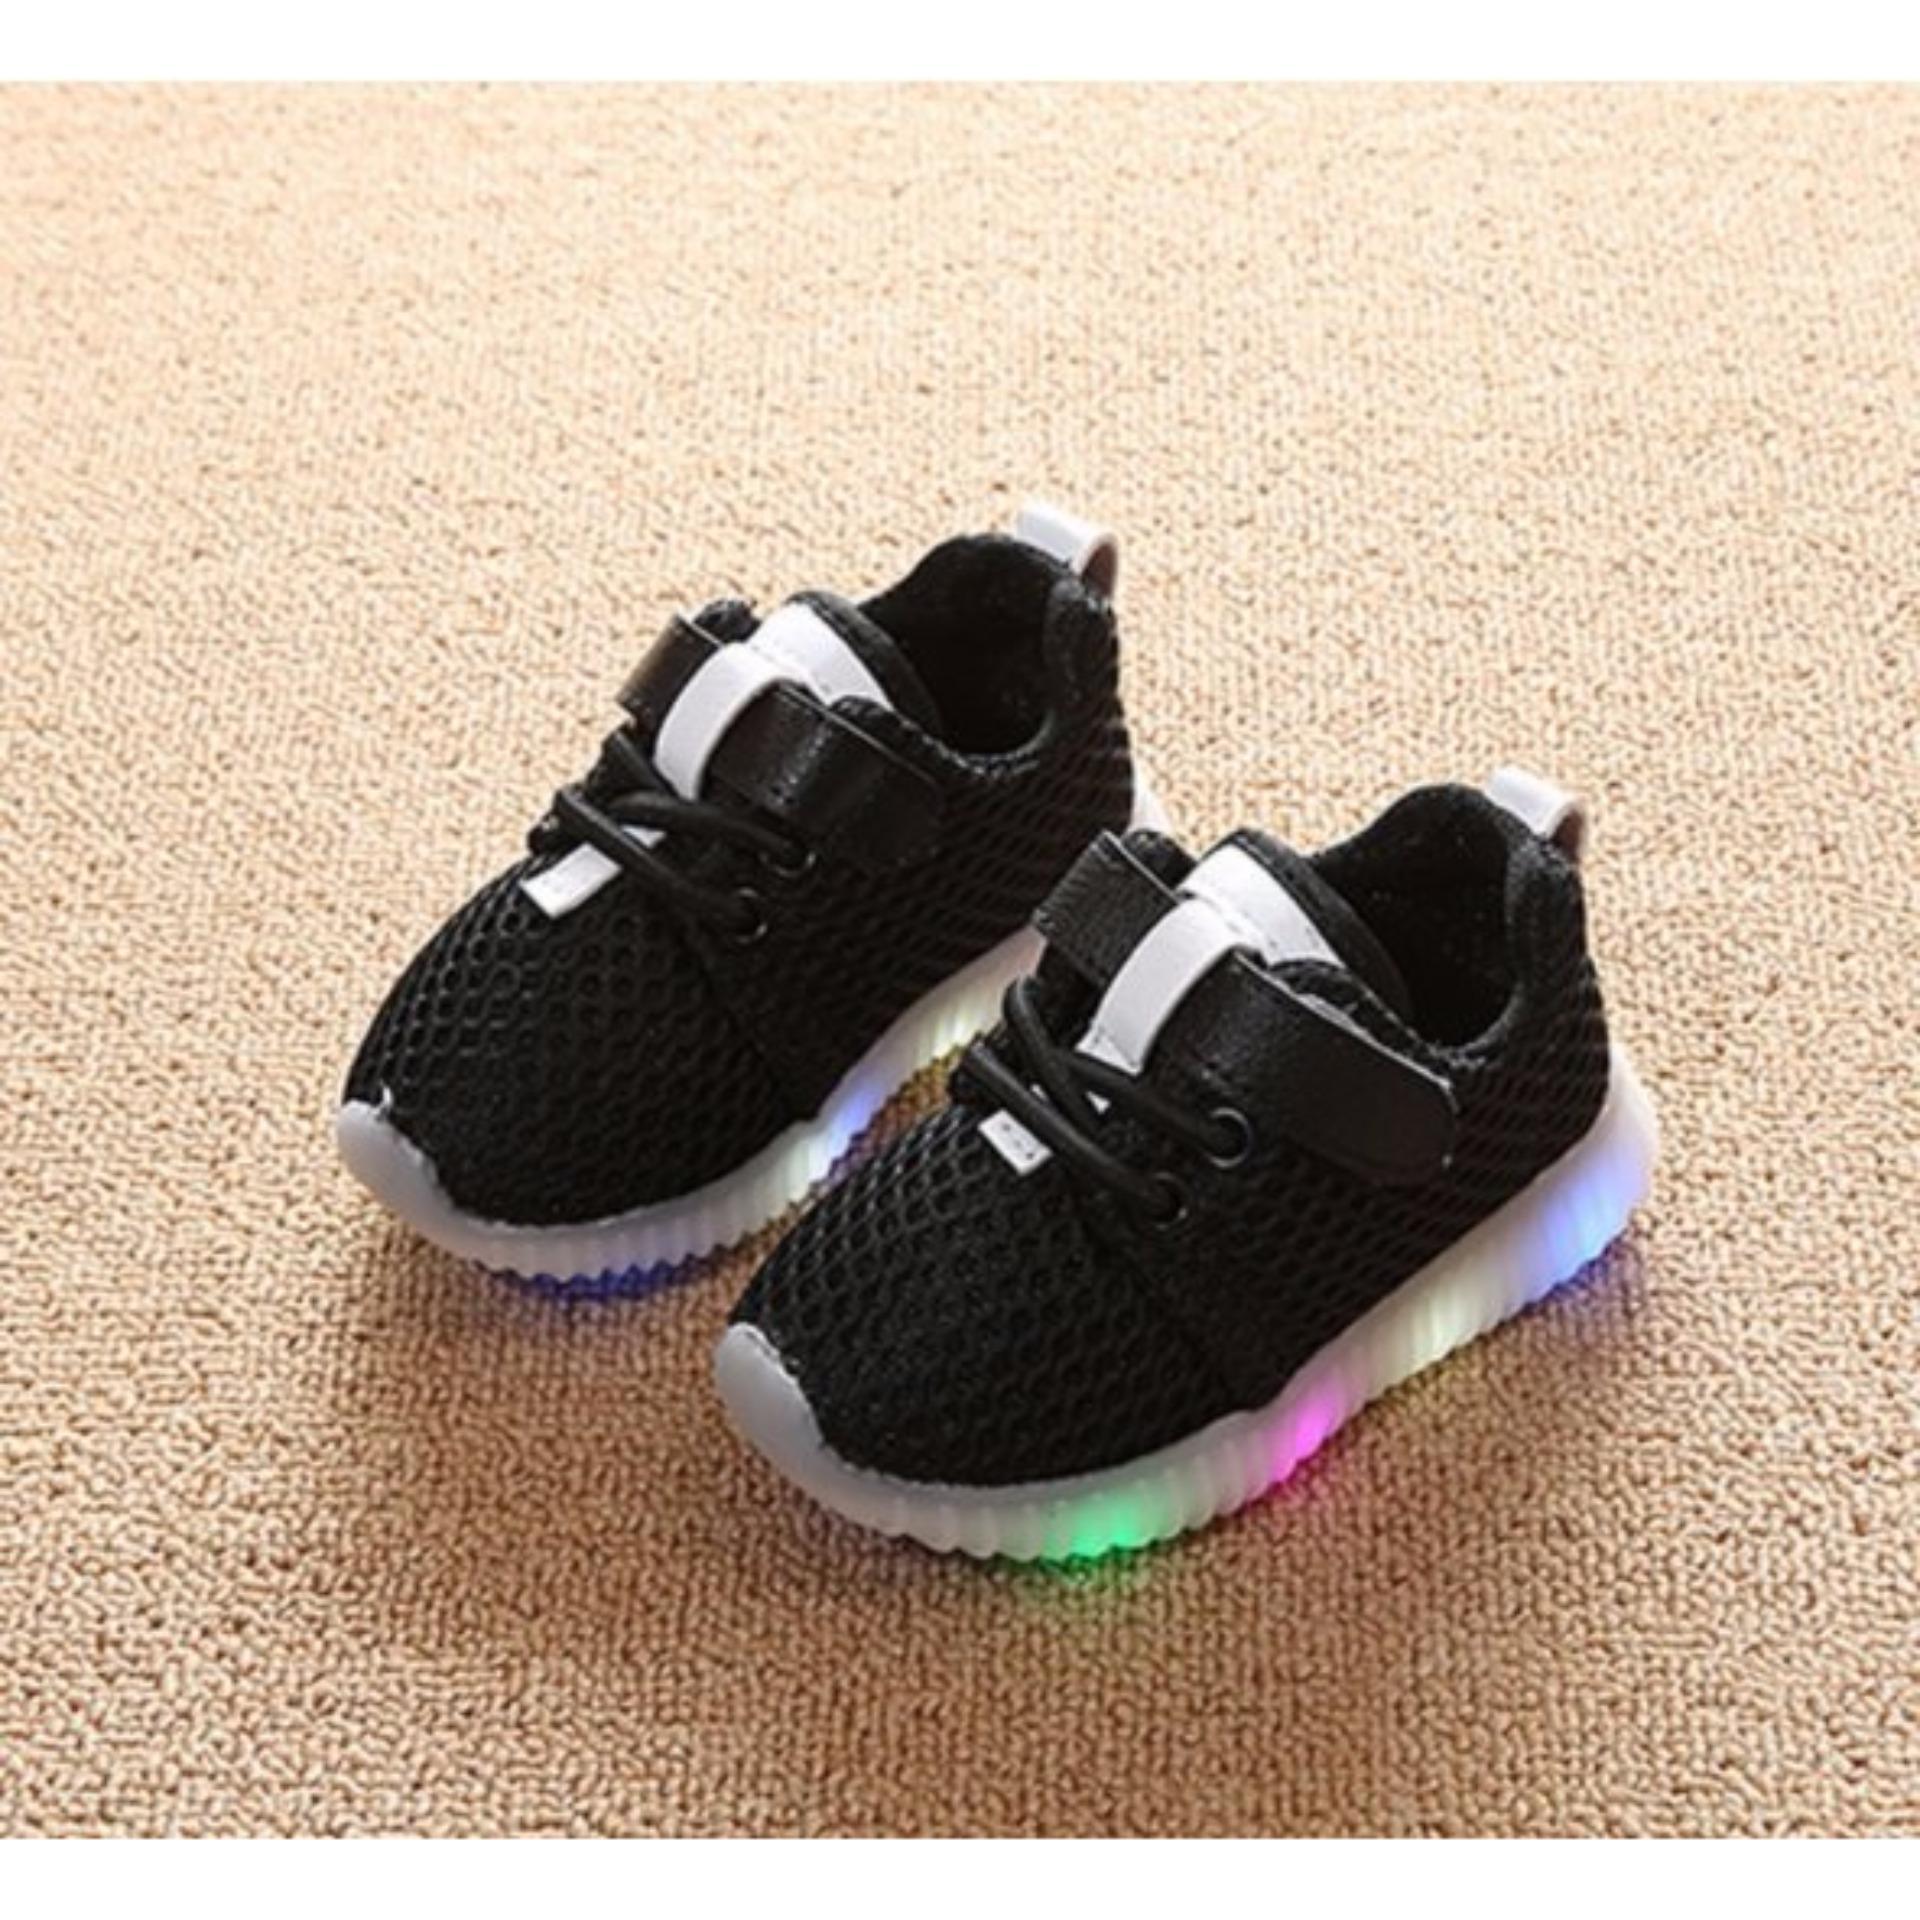 Giày phát sáng dành cho bé màu đen cỡ 21 -AL